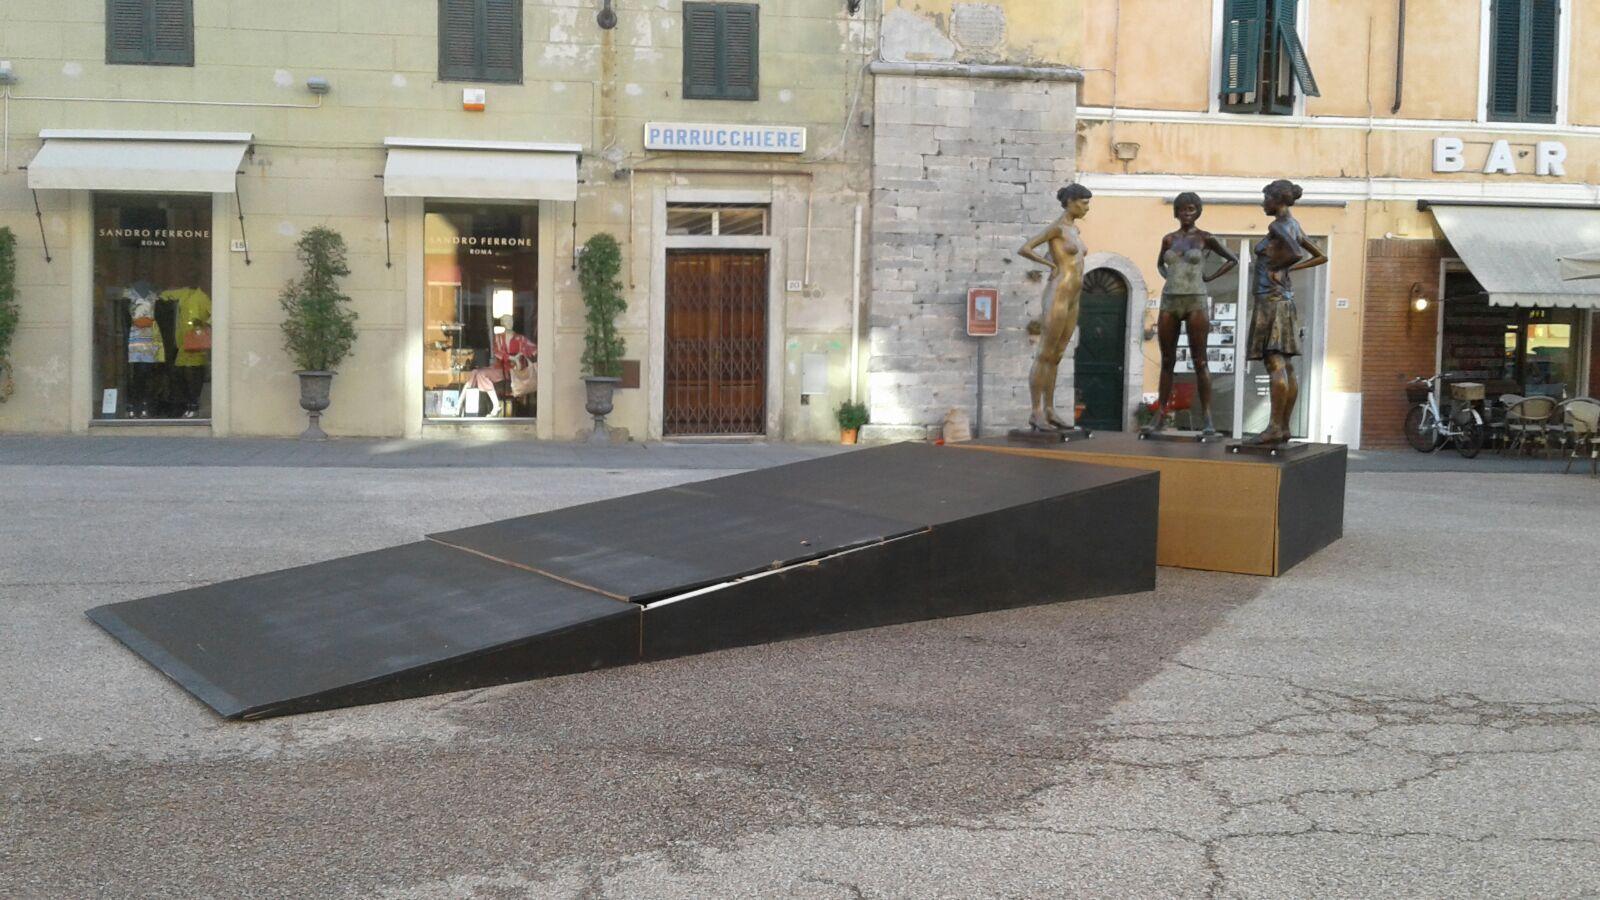 Ancora un incidente per la scultura di Paddy Campbell in piazza Duomo